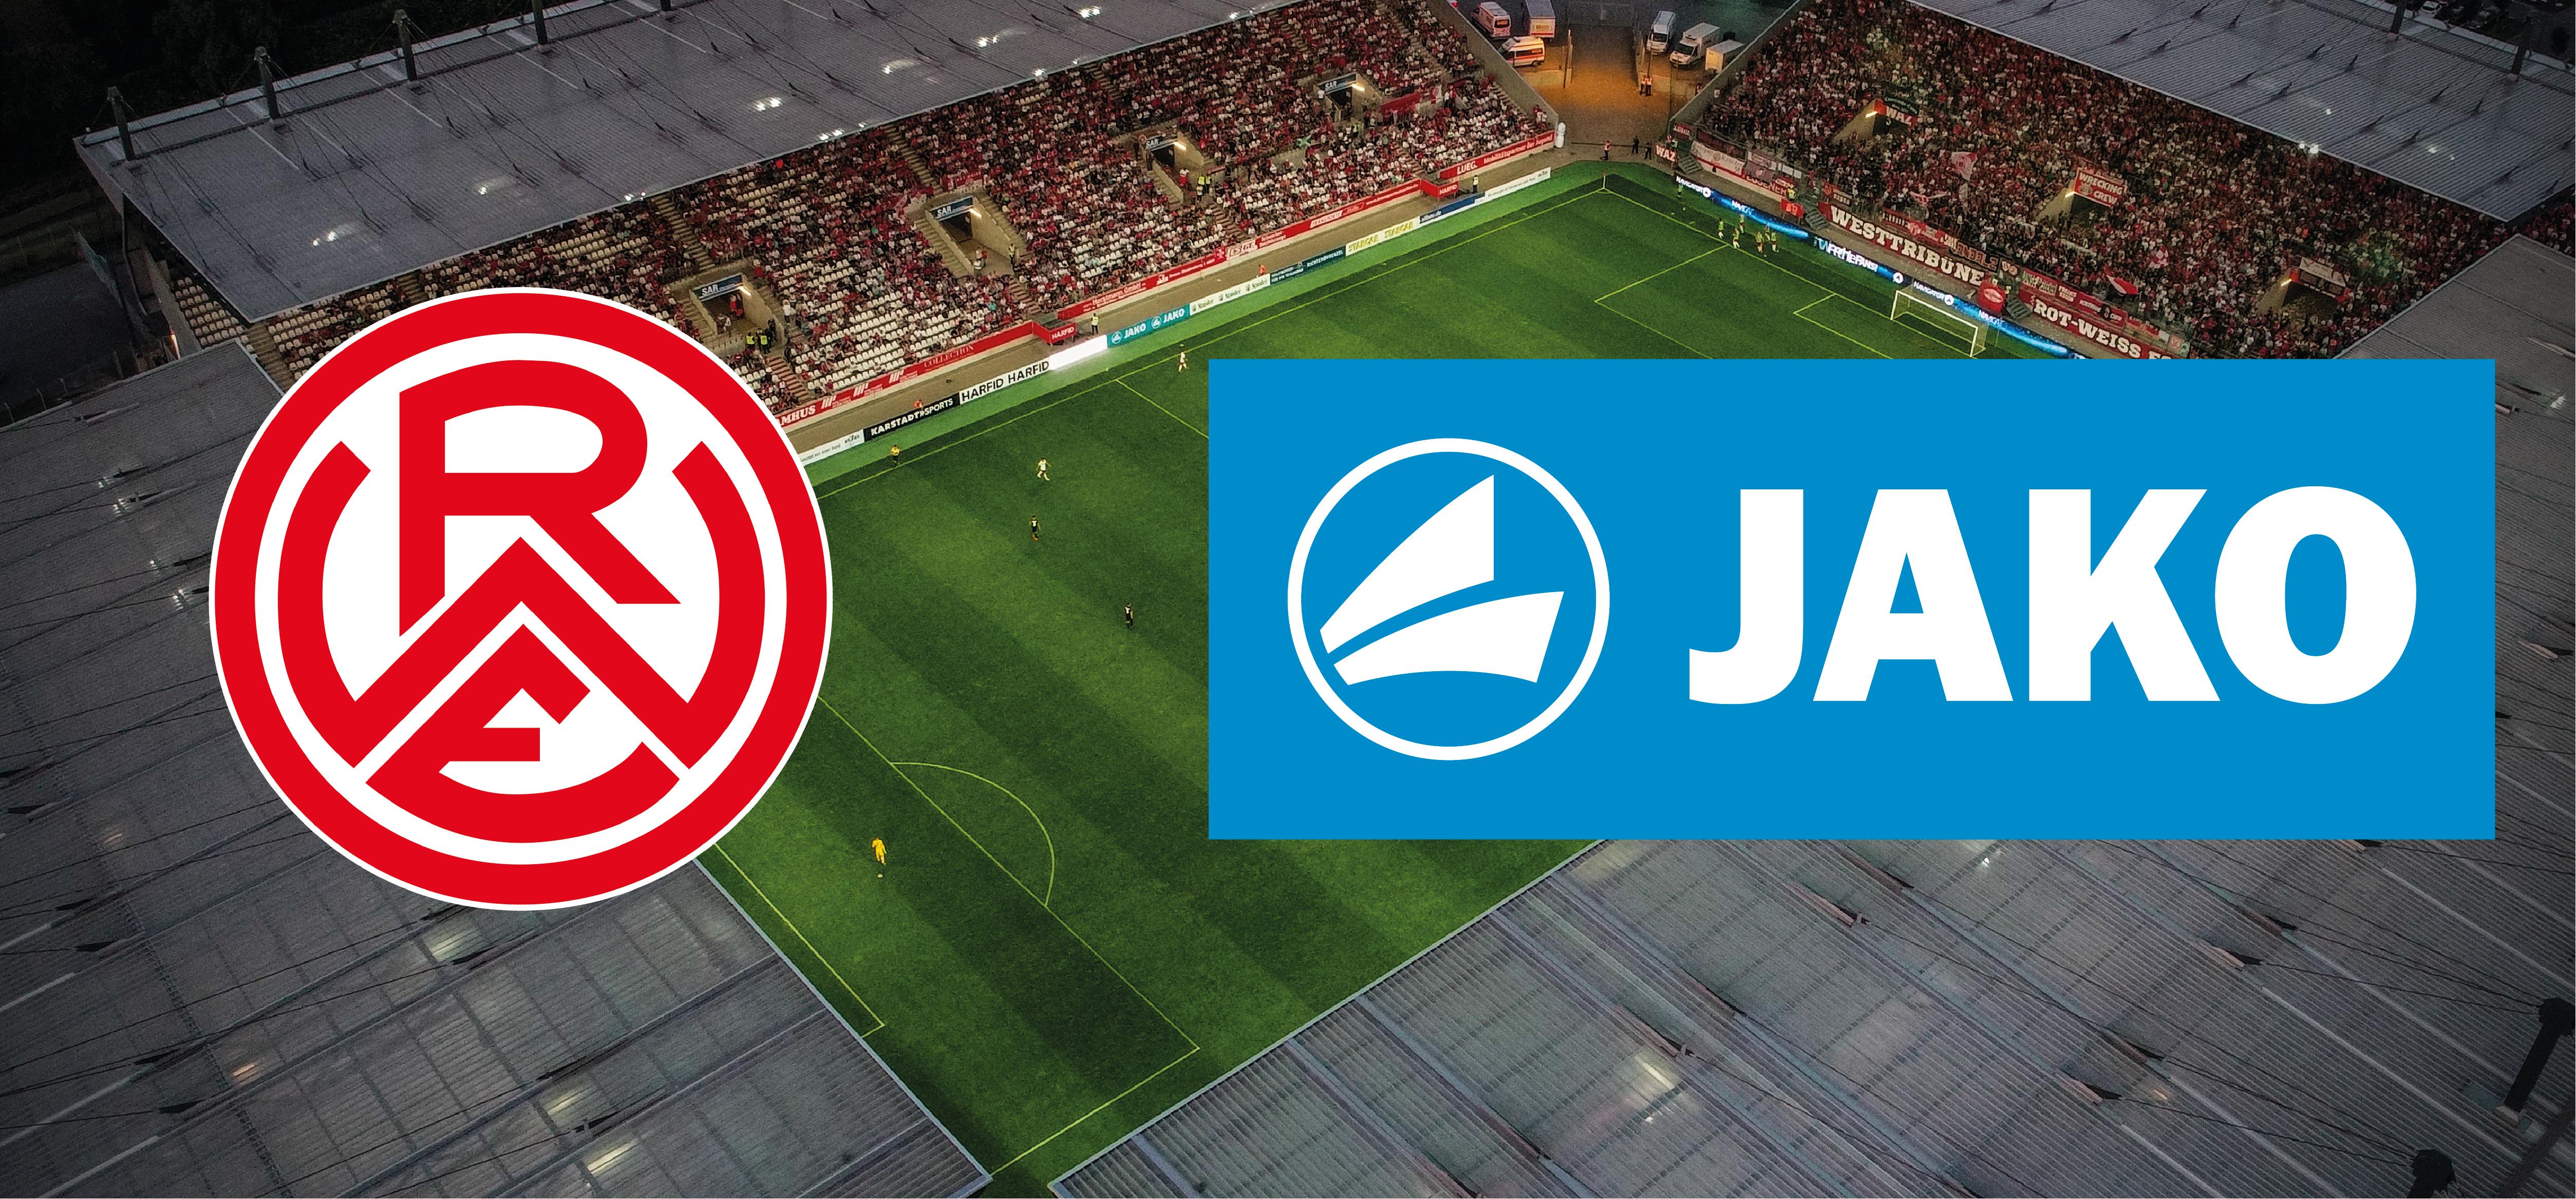 Jako bleibt auch in den kommenden drei Spielzeiten Ausrüster von Rot-Weiss Essen.